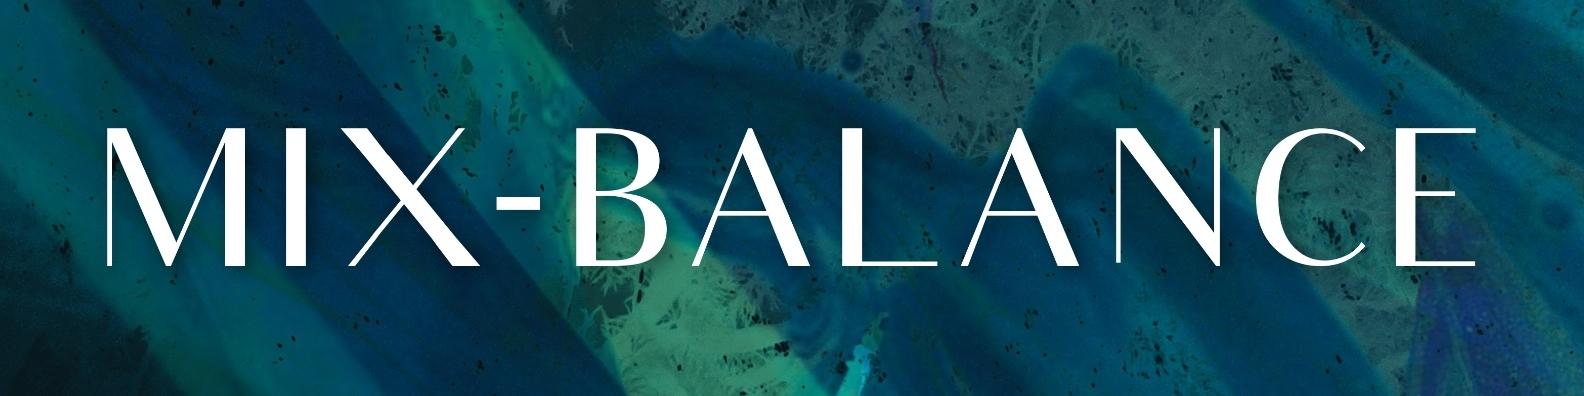 MIX-BALANC (@mix-balance) Cover Image